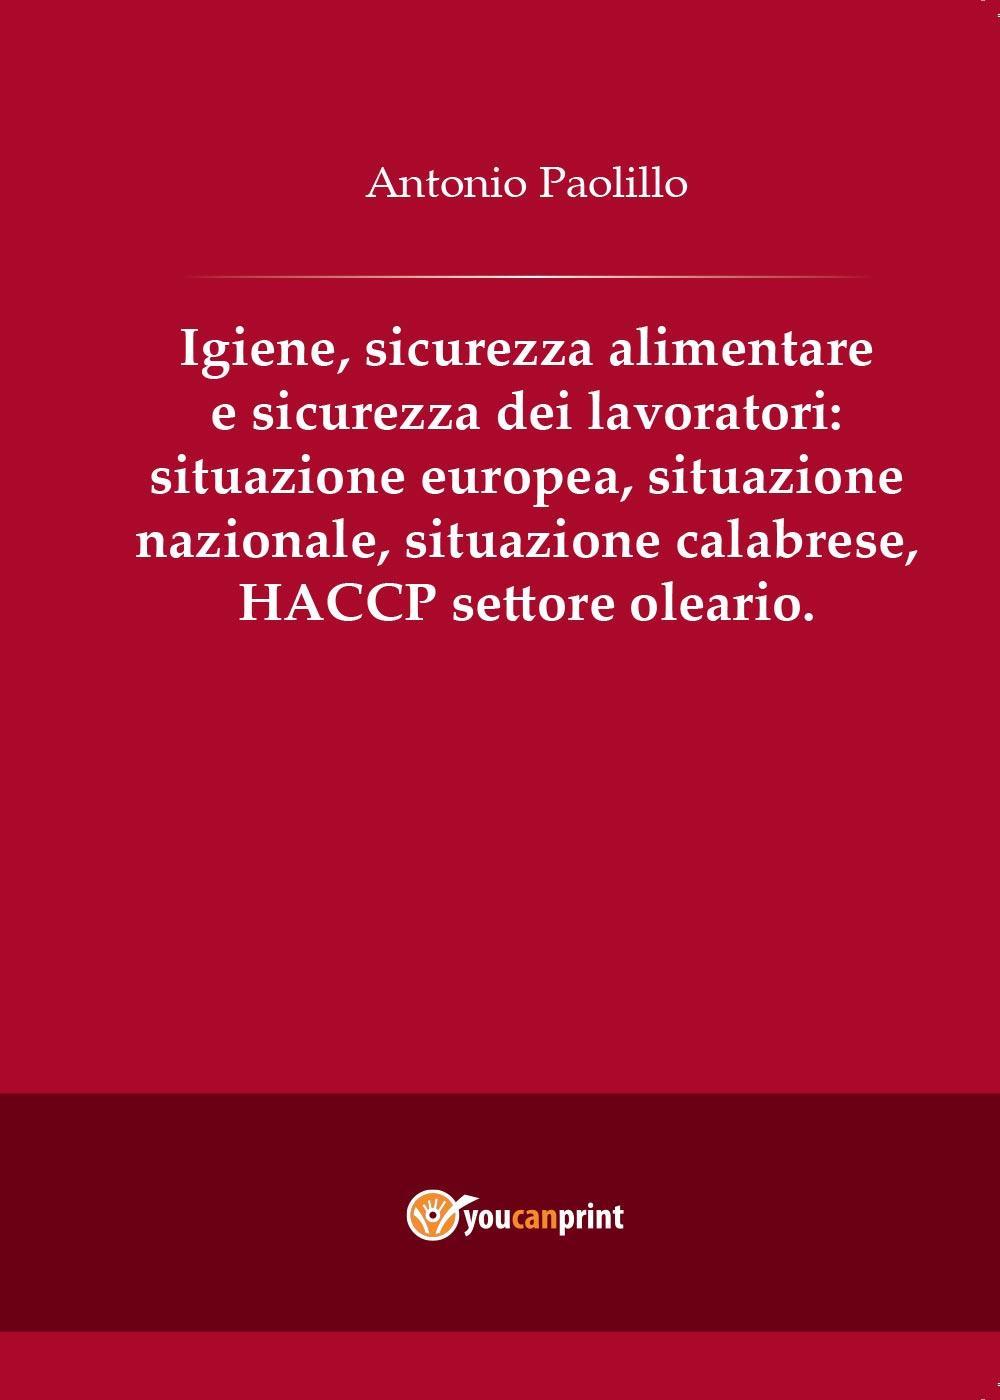 Igiene,  sicurezza alimentare e sicurezza dei lavoratori: situazione europea, situazione nazionale, situazione calabrese, HACCP settore oleario.